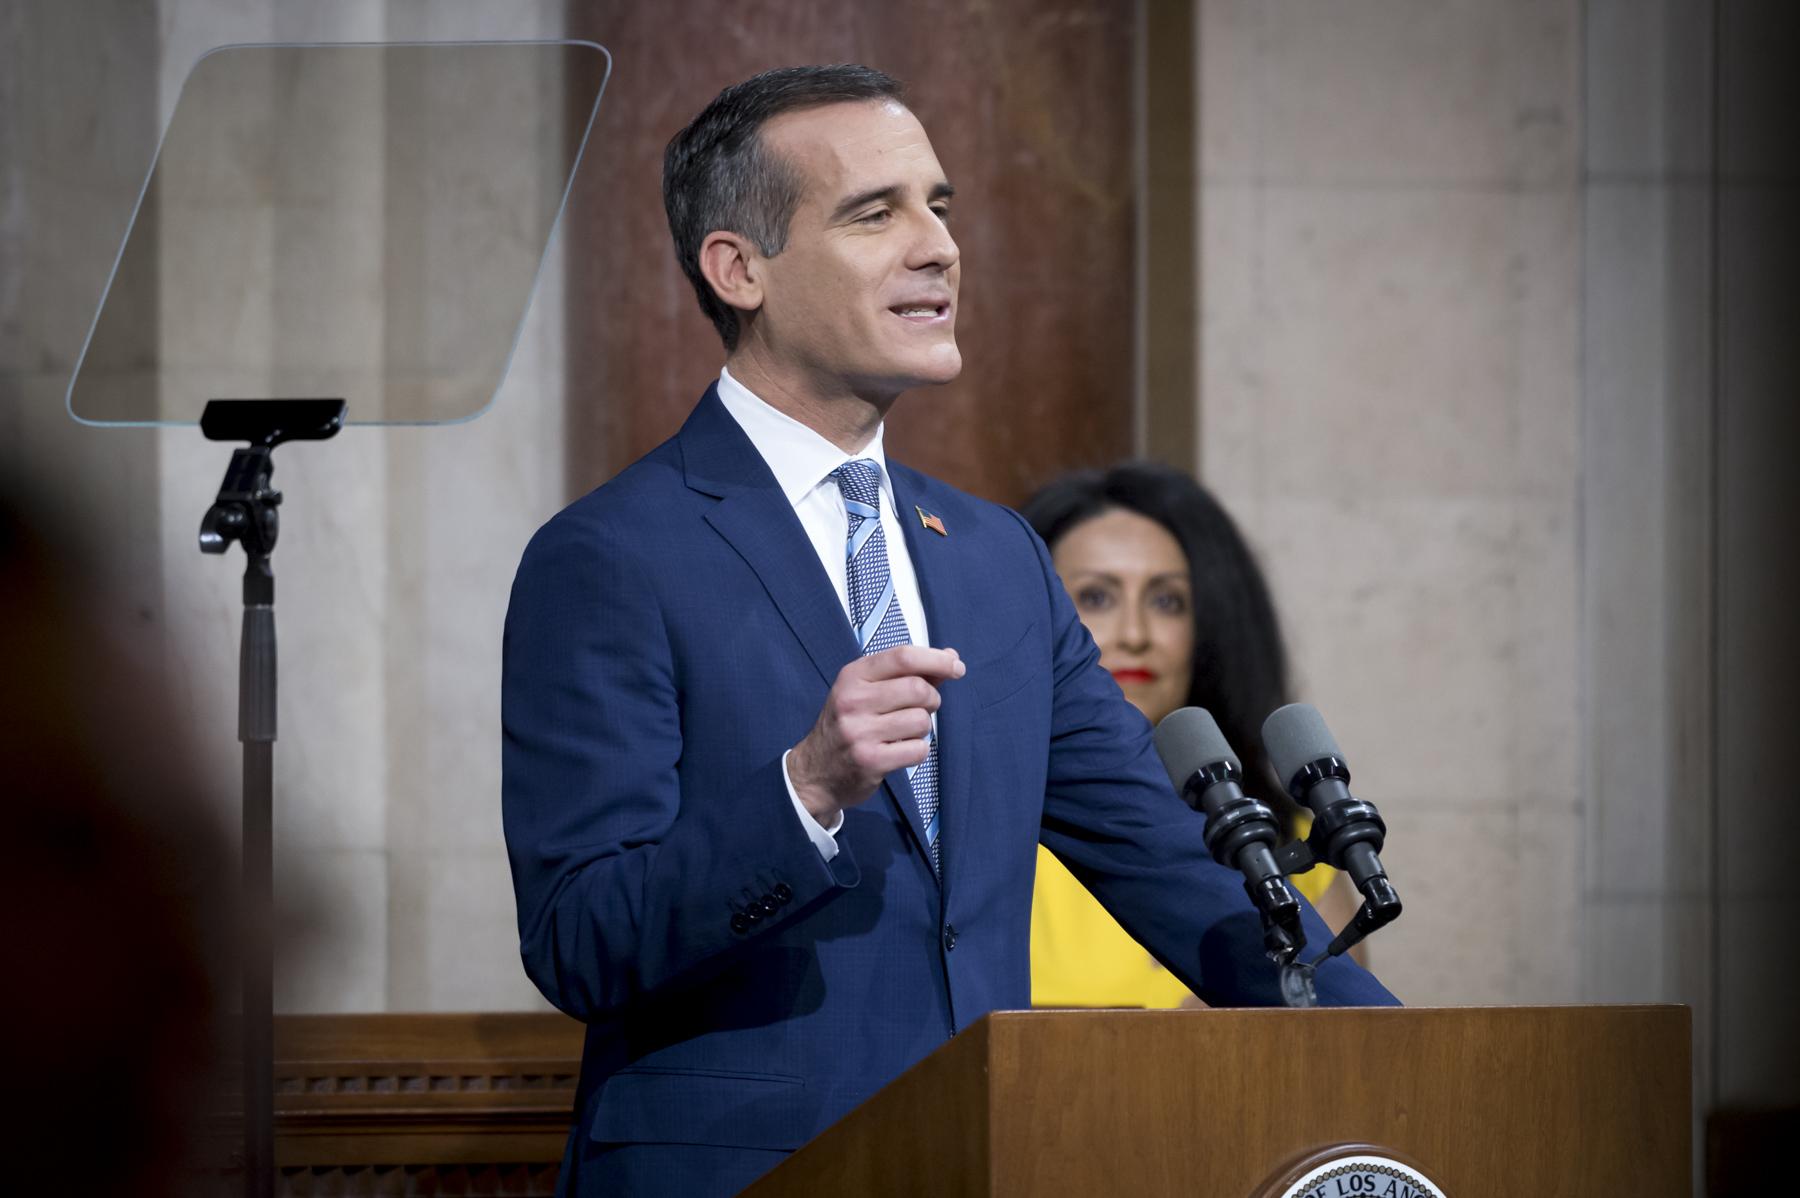 洛杉矶市长计划为低收入家庭每月发放1000美元补贴